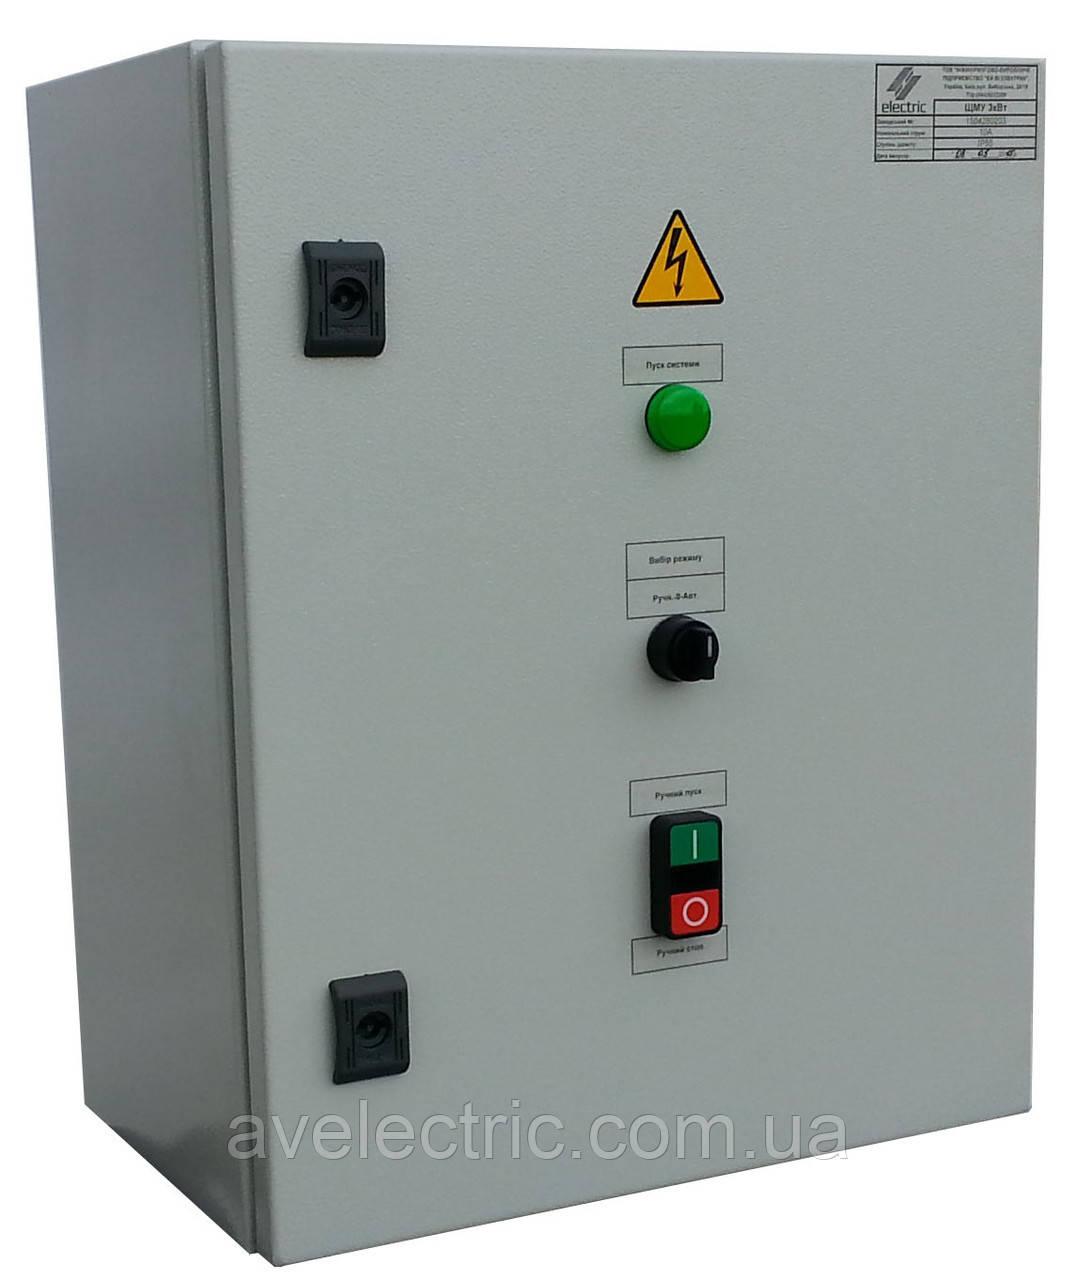 Ящик керування електродвигуном Я5111-2674-54У3